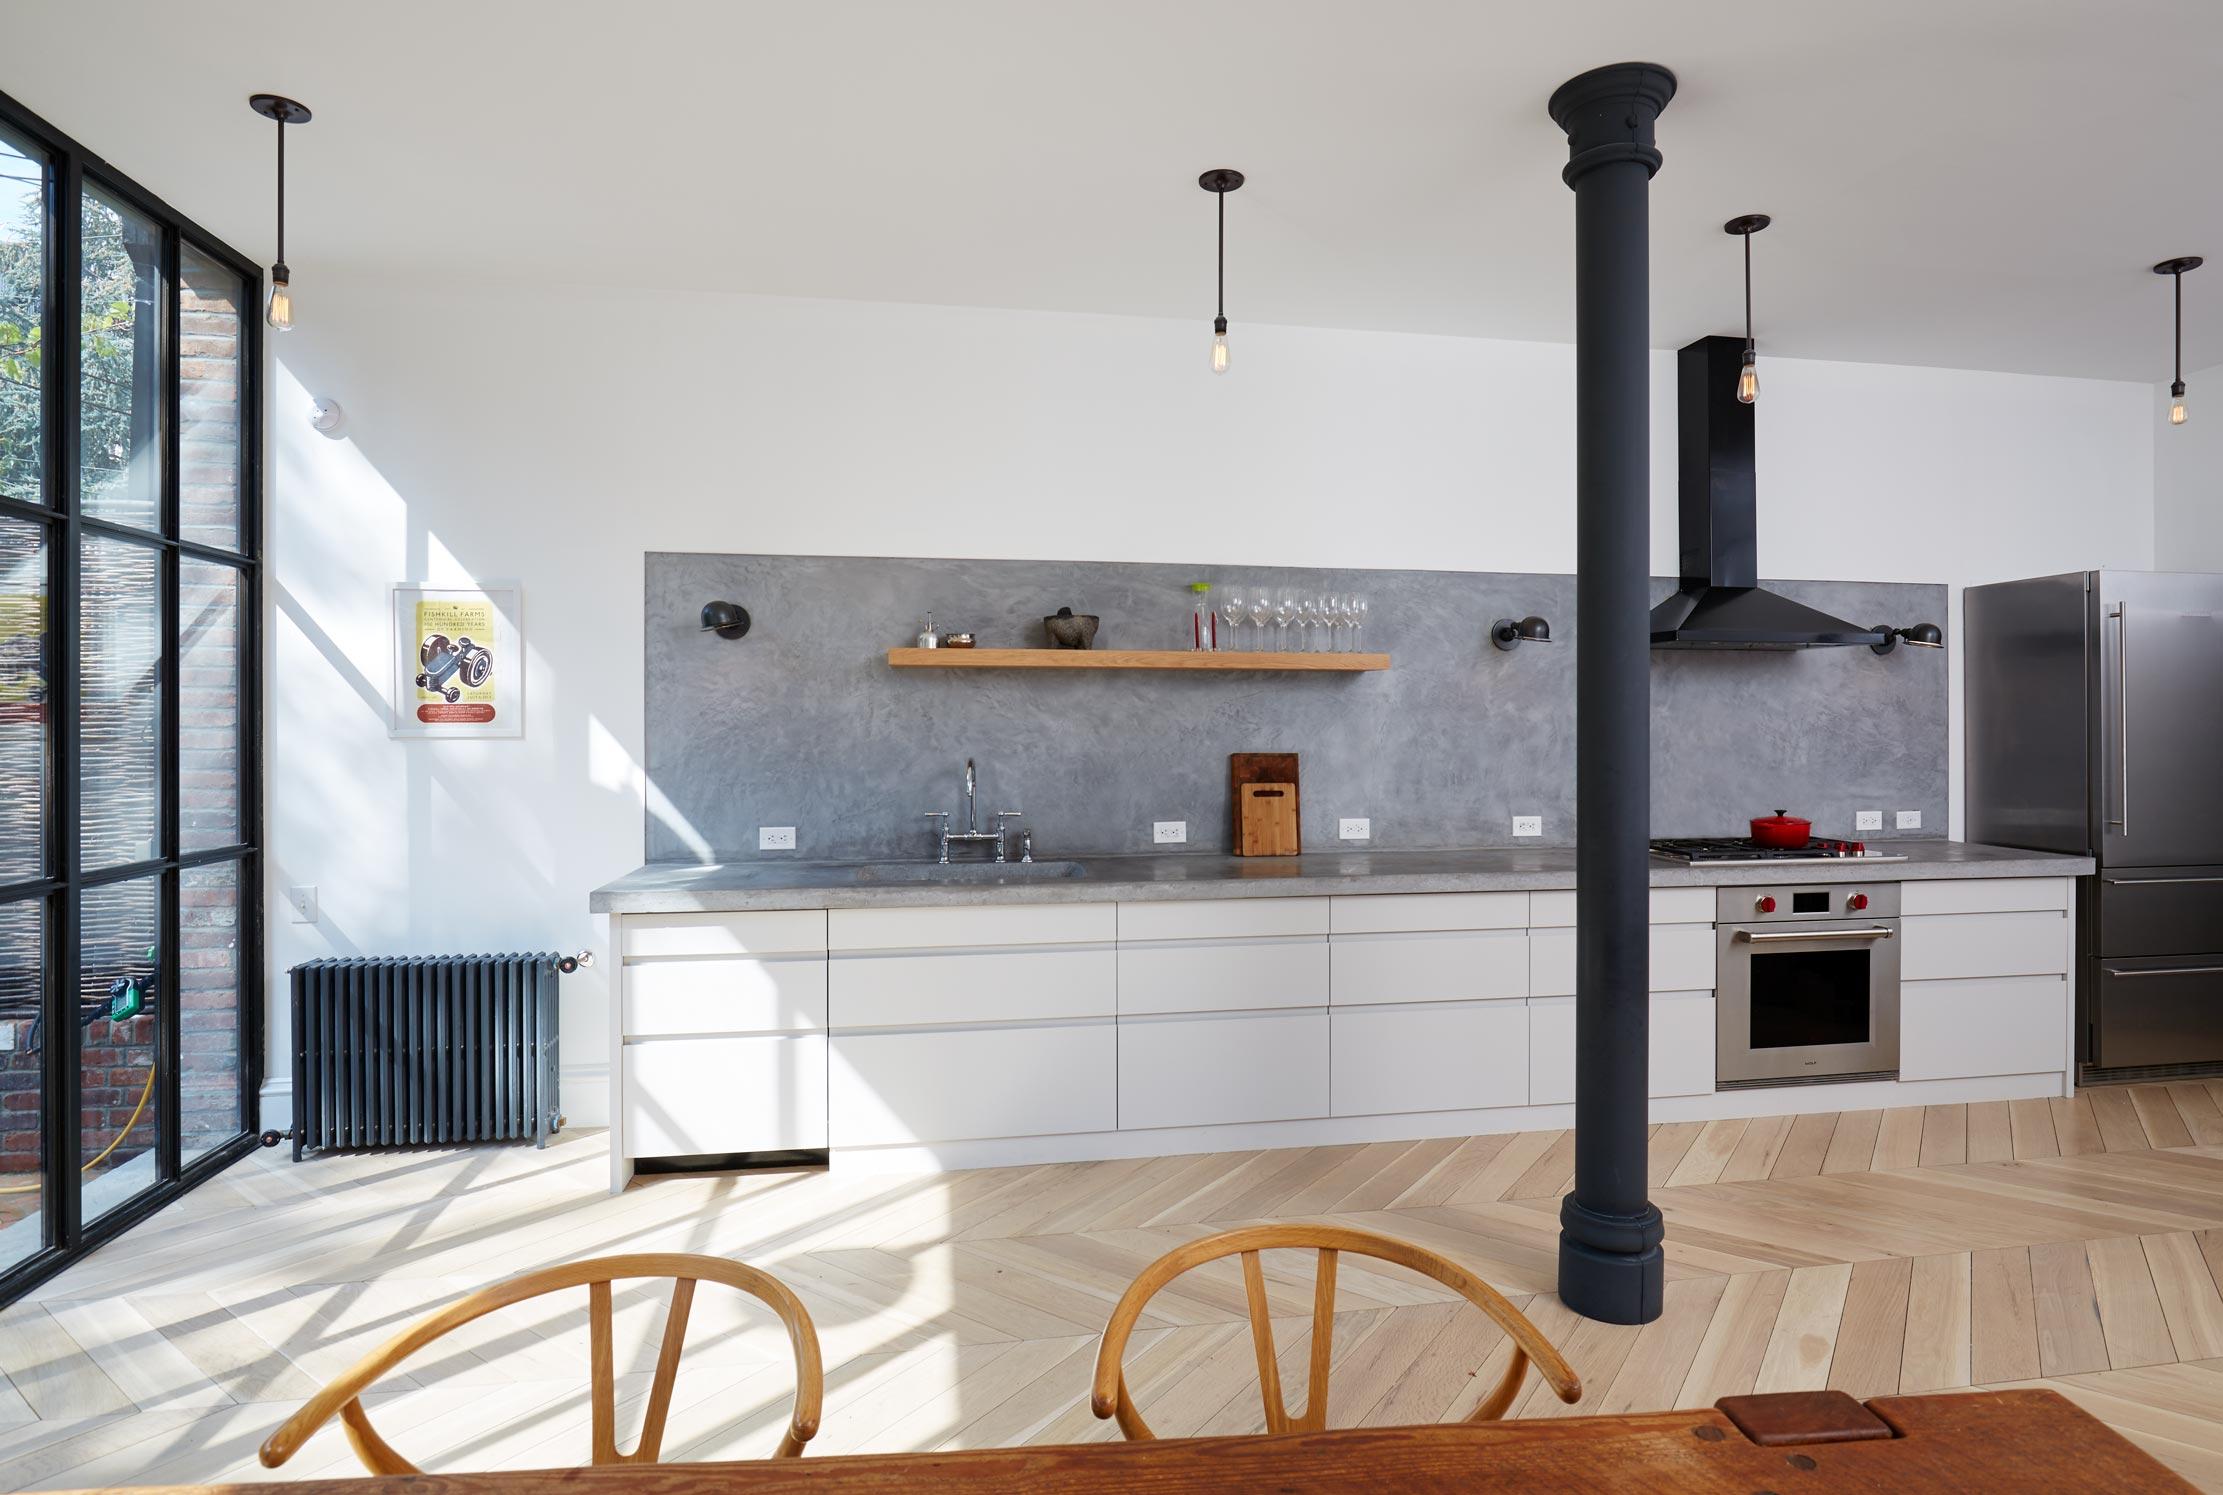 kitchen_b_073.jpg